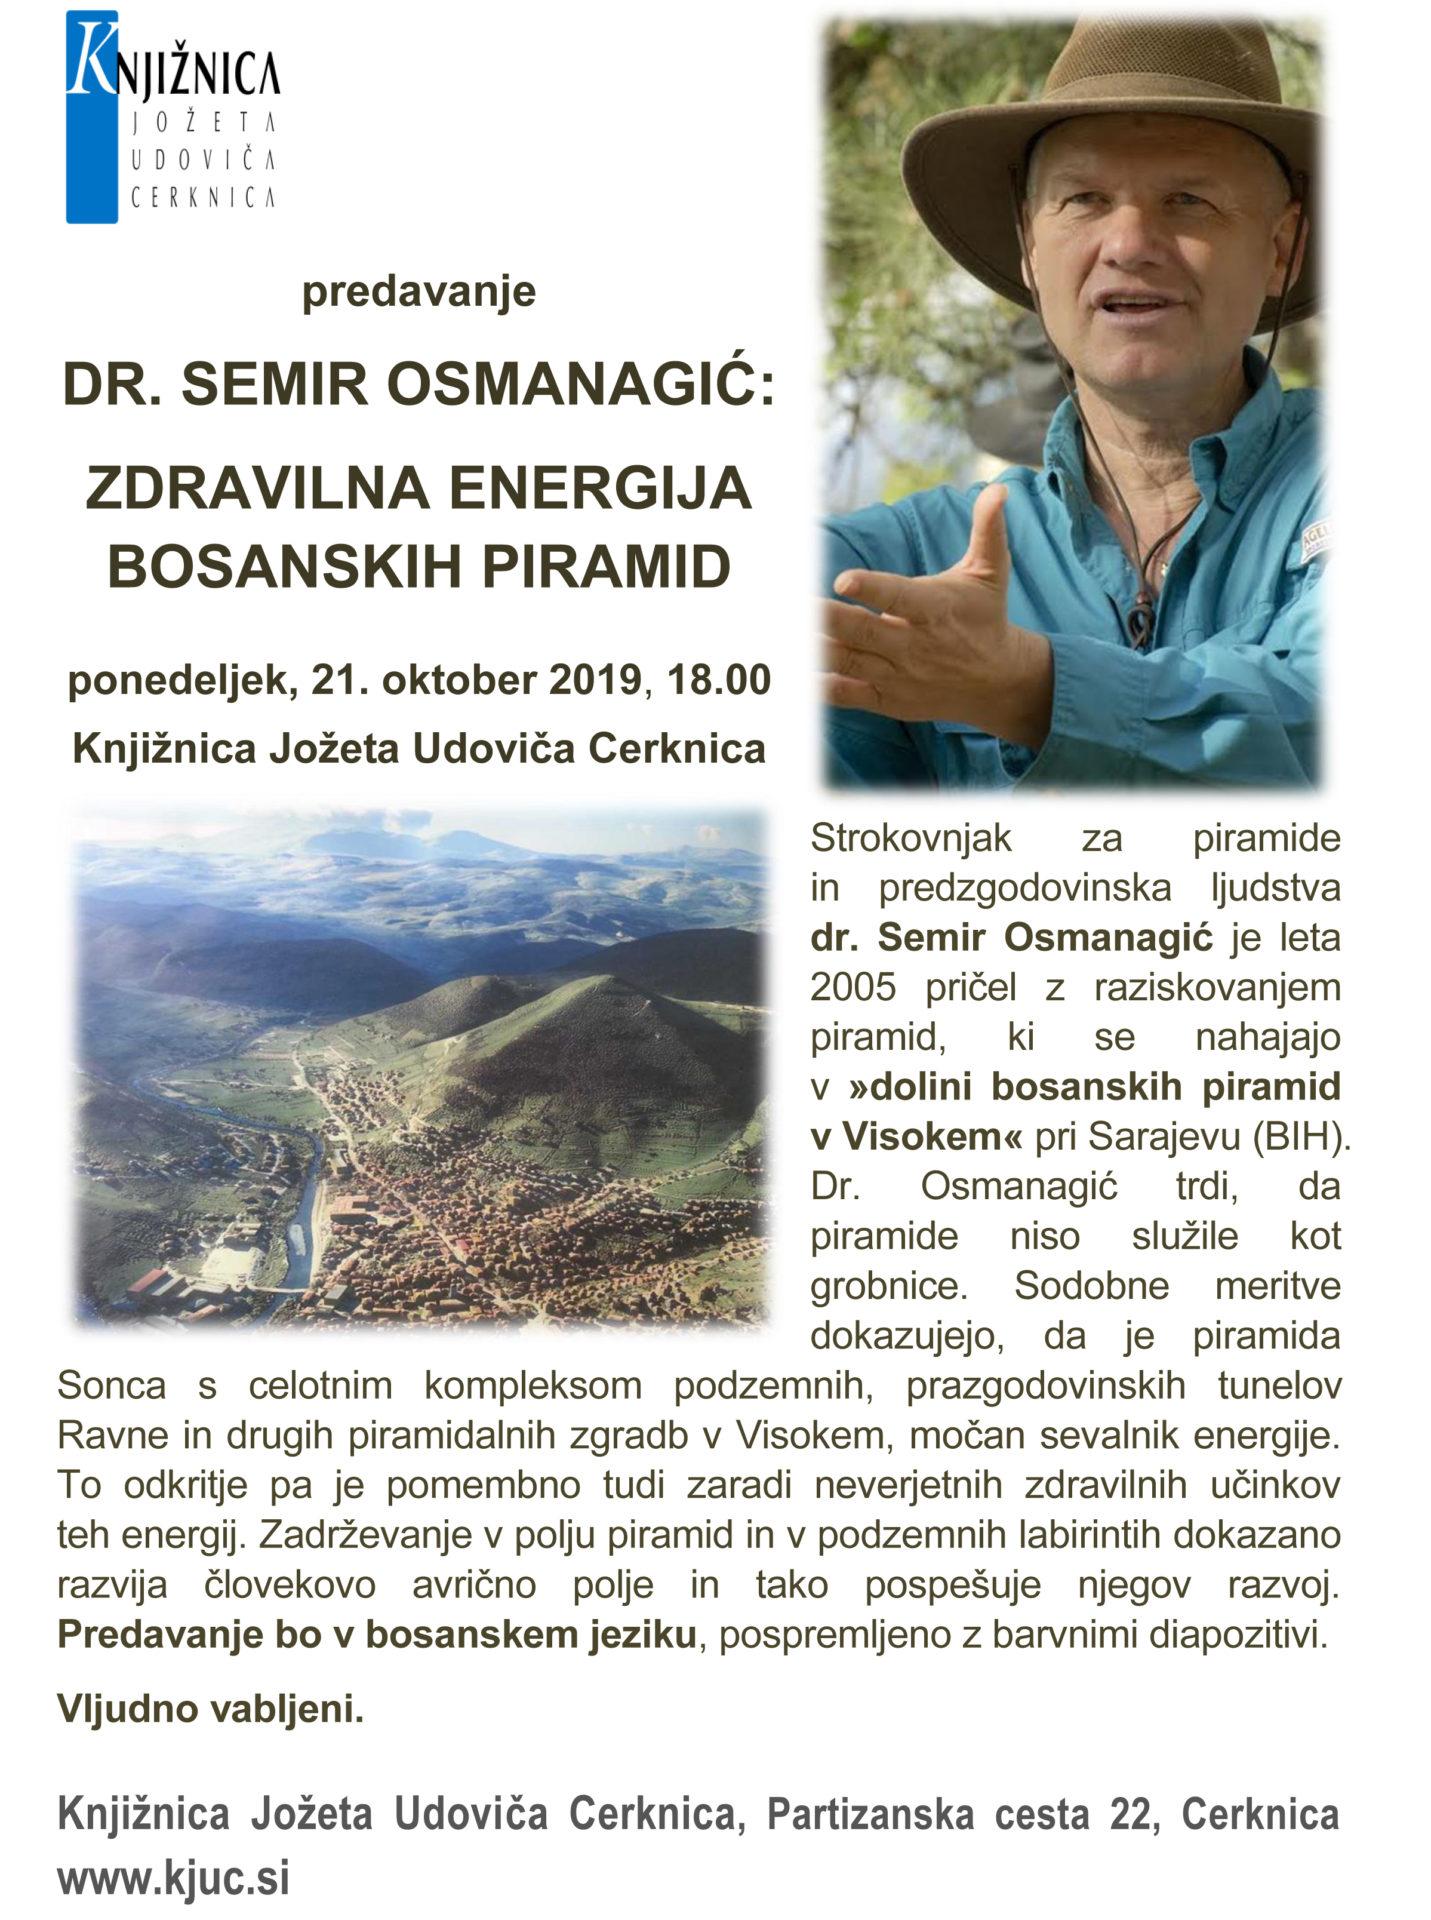 vabilo Bosanske piramide - Semir Osmanagić: Zdravilna energija bosanskih piramid